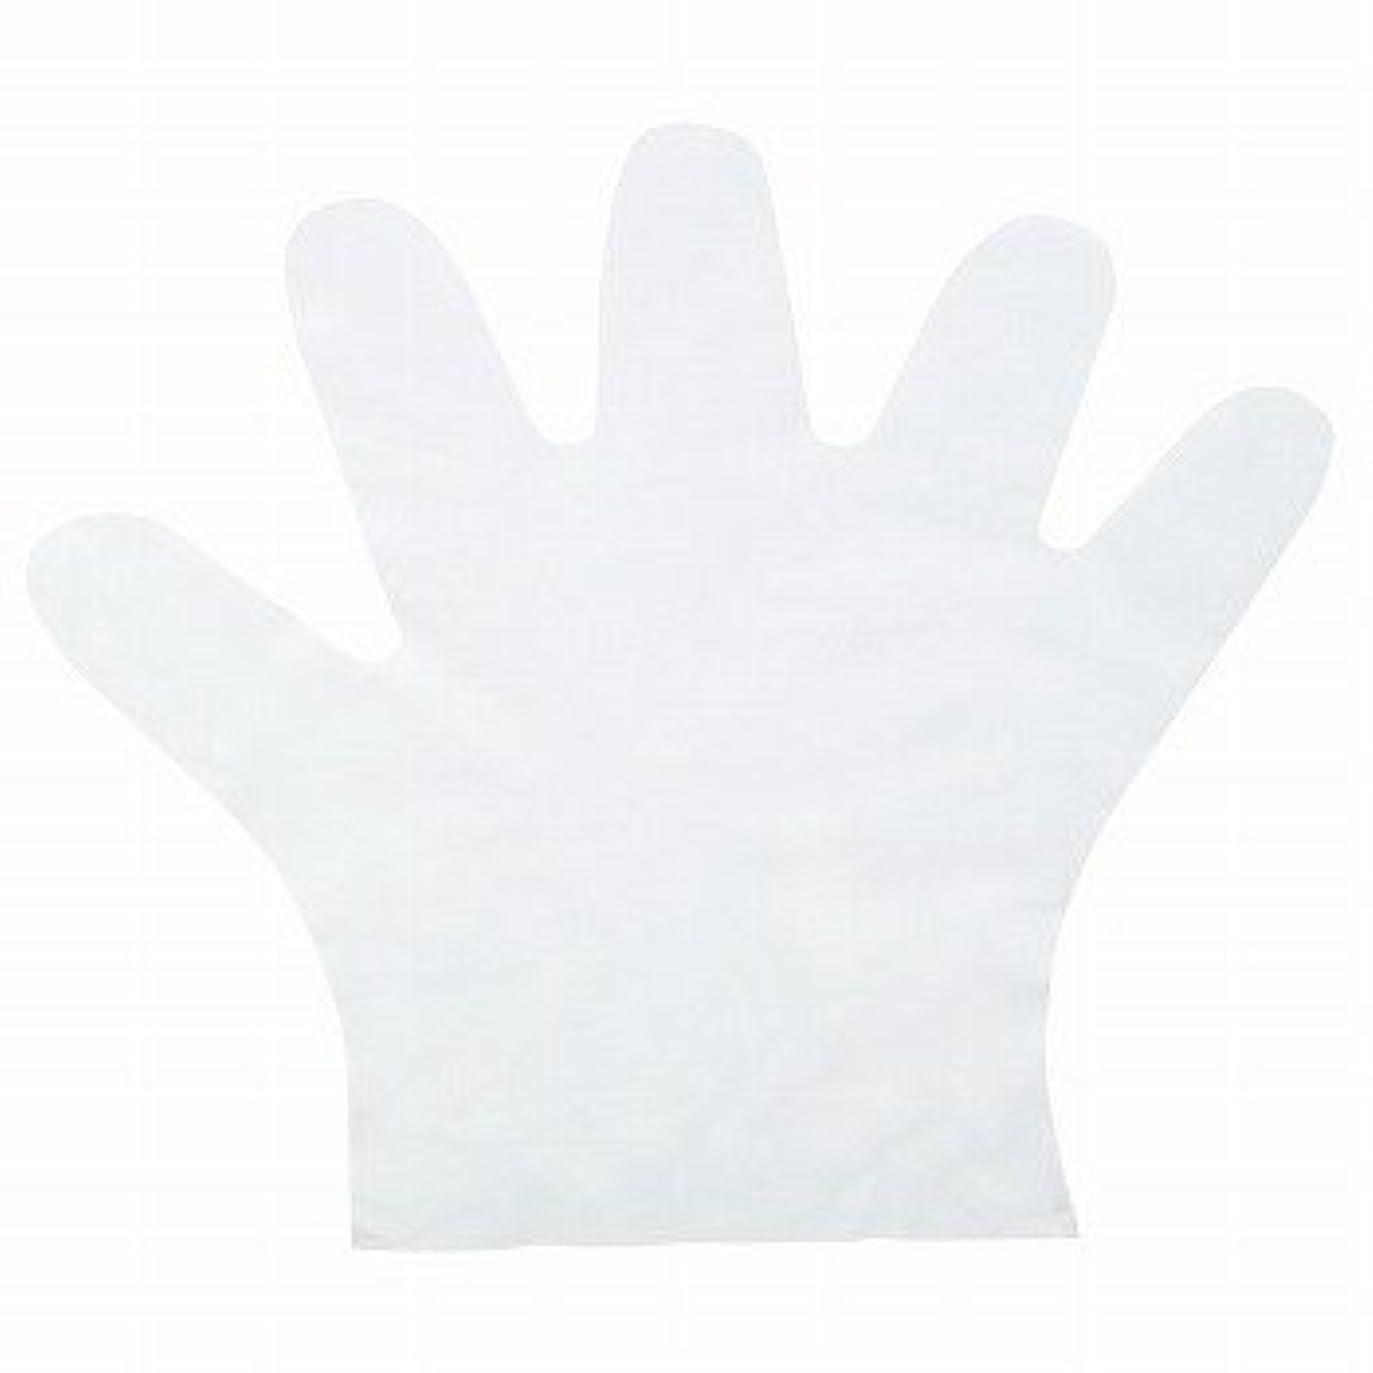 きらめき実現可能性鈍いおたふく手袋/ポリエチディスポ(LD) 100枚入×50セット[総数5000枚]/品番:248 サイズ:SS